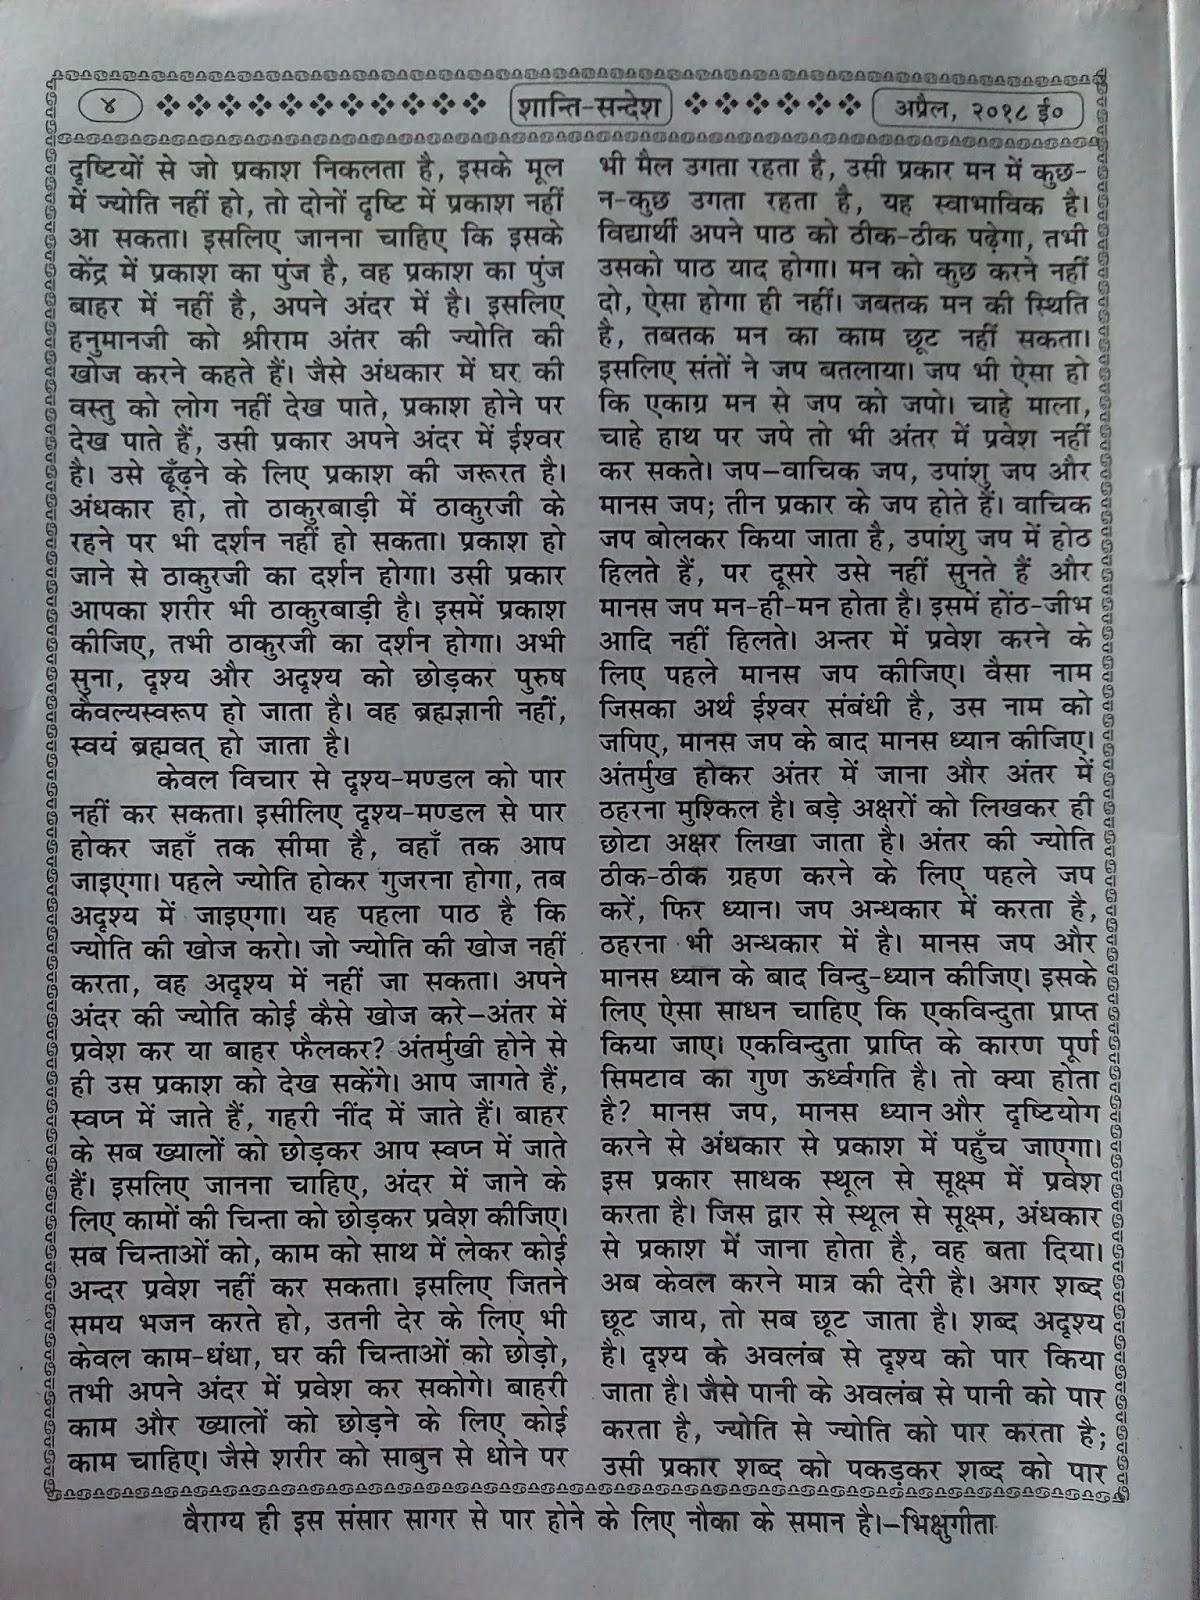 S34, How to do bhakti-bhakti which fulfills all desires--सदगुरू महर्षि मेंहीं/सत्संग ध्यान। मनोकामना पूरक प्रार्थना कैसे करें प्रवचन चित्र दो